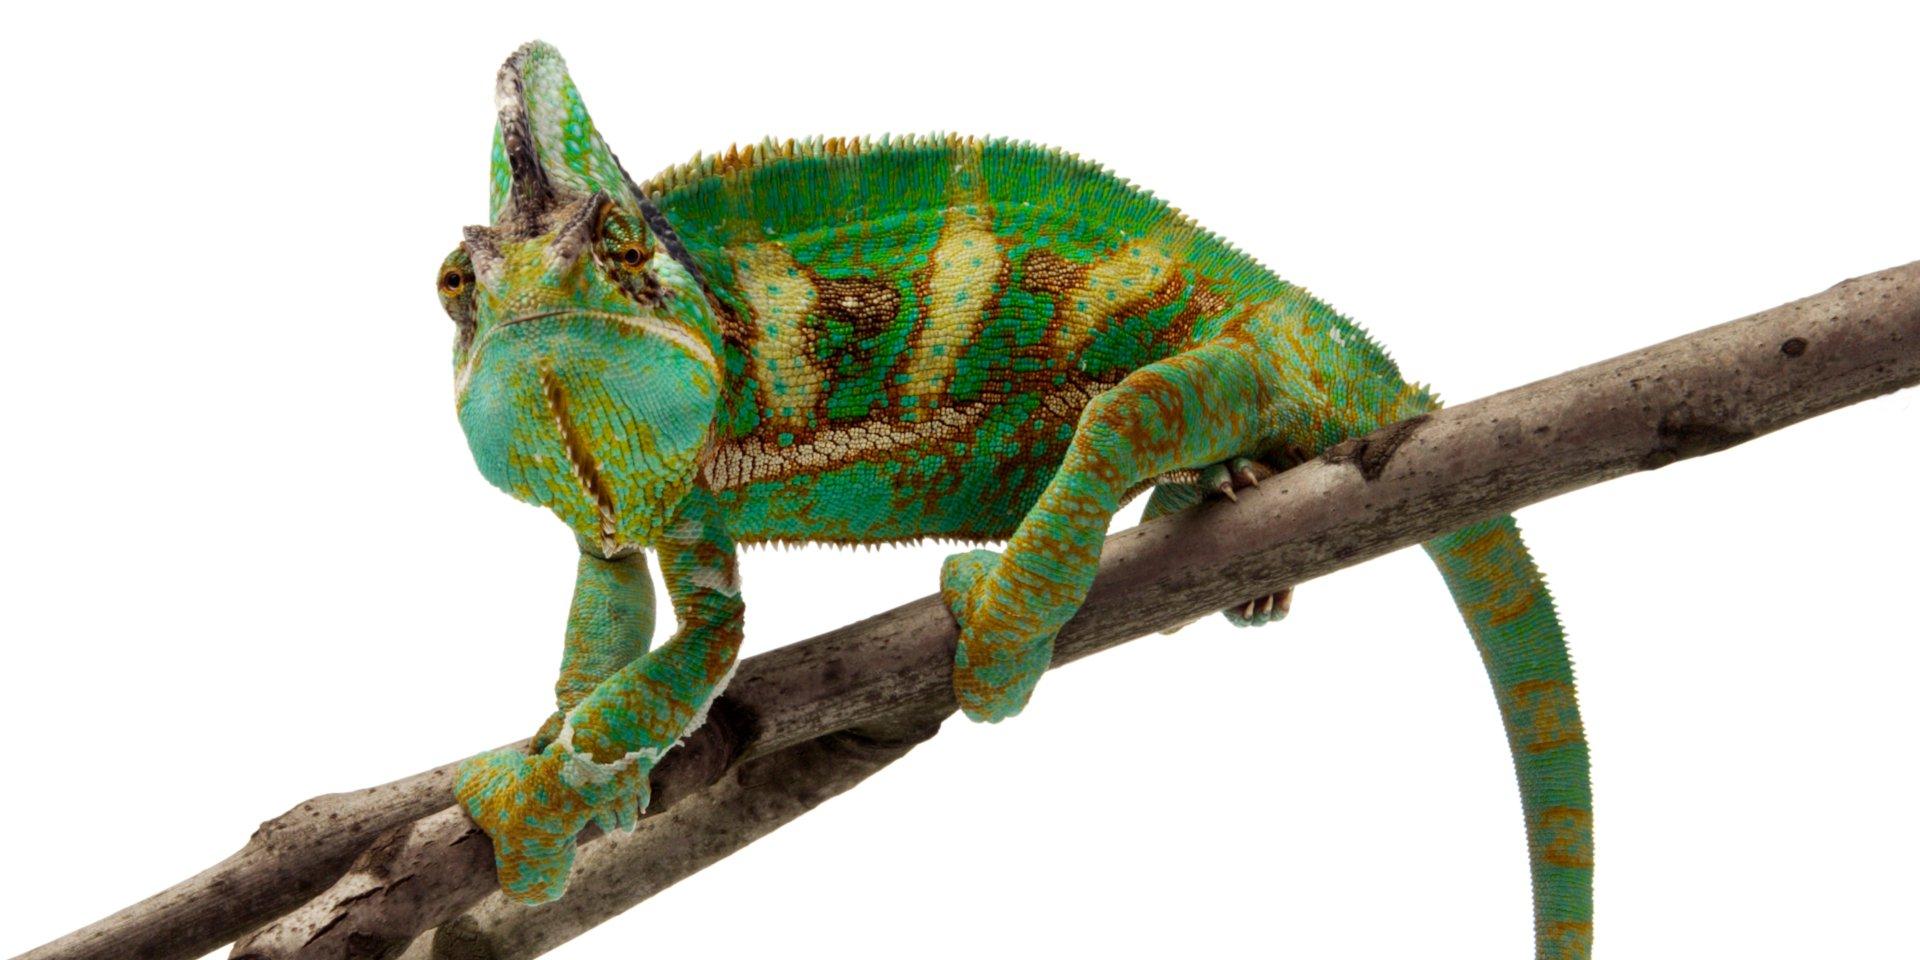 Kameleon_image_large.jpg